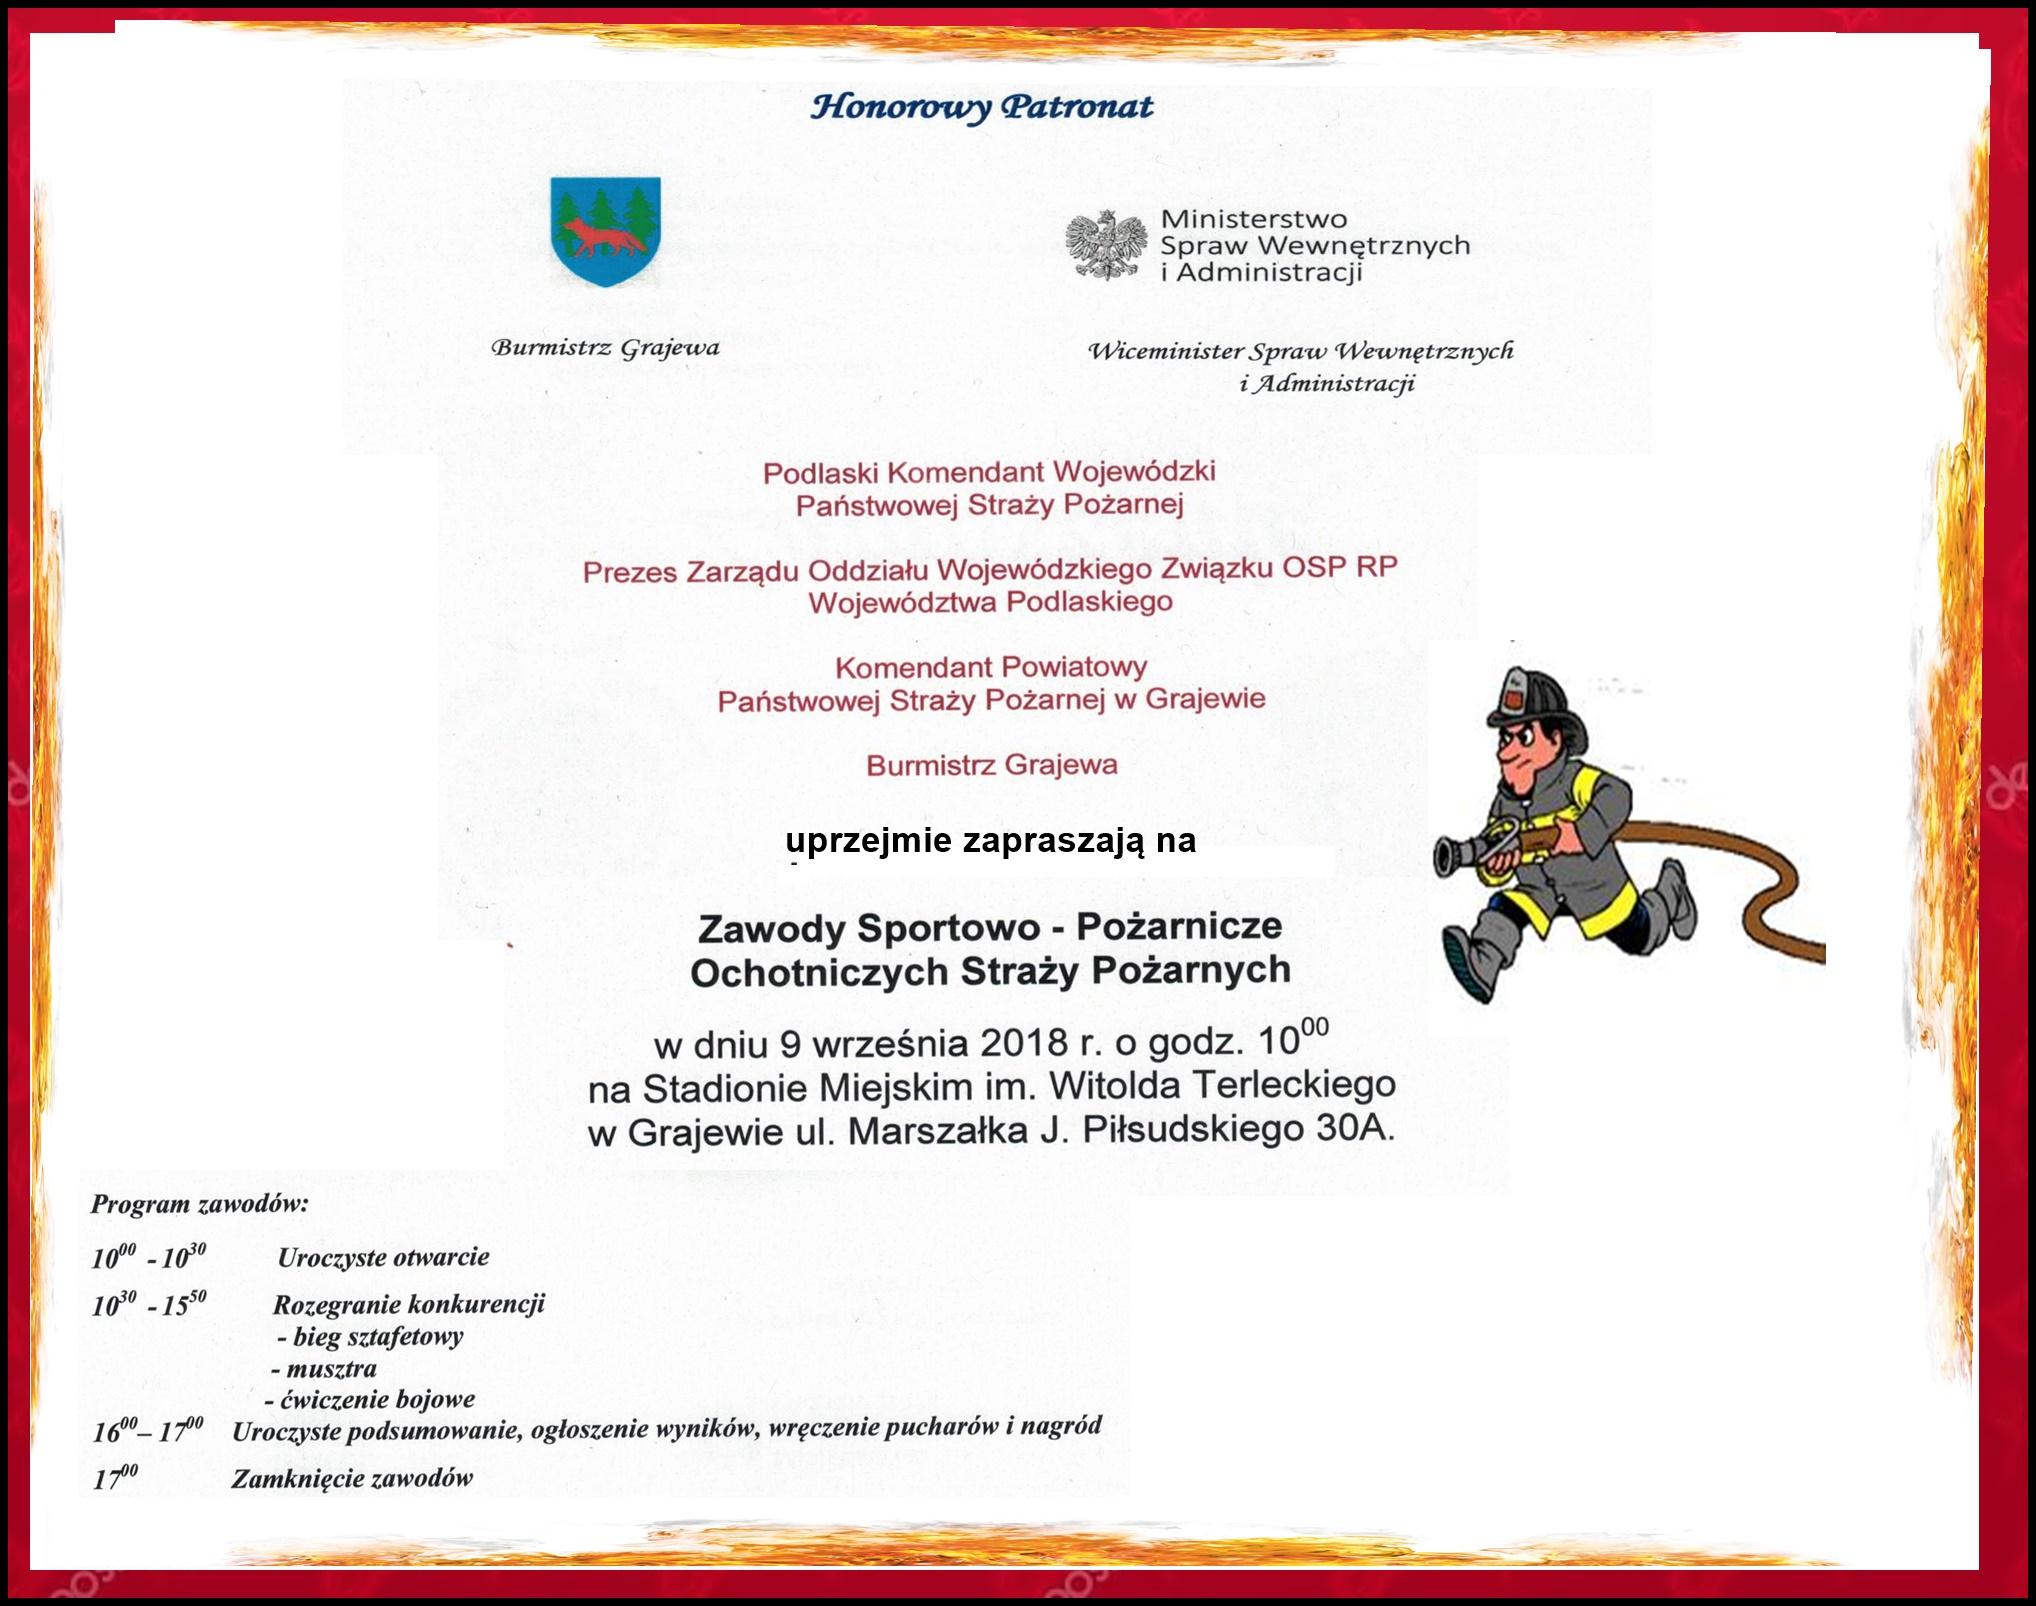 Wojewódzkie Zawody Sportowo-Pożarnicze  Ochotniczych Straży Pożarnych w Grajewie